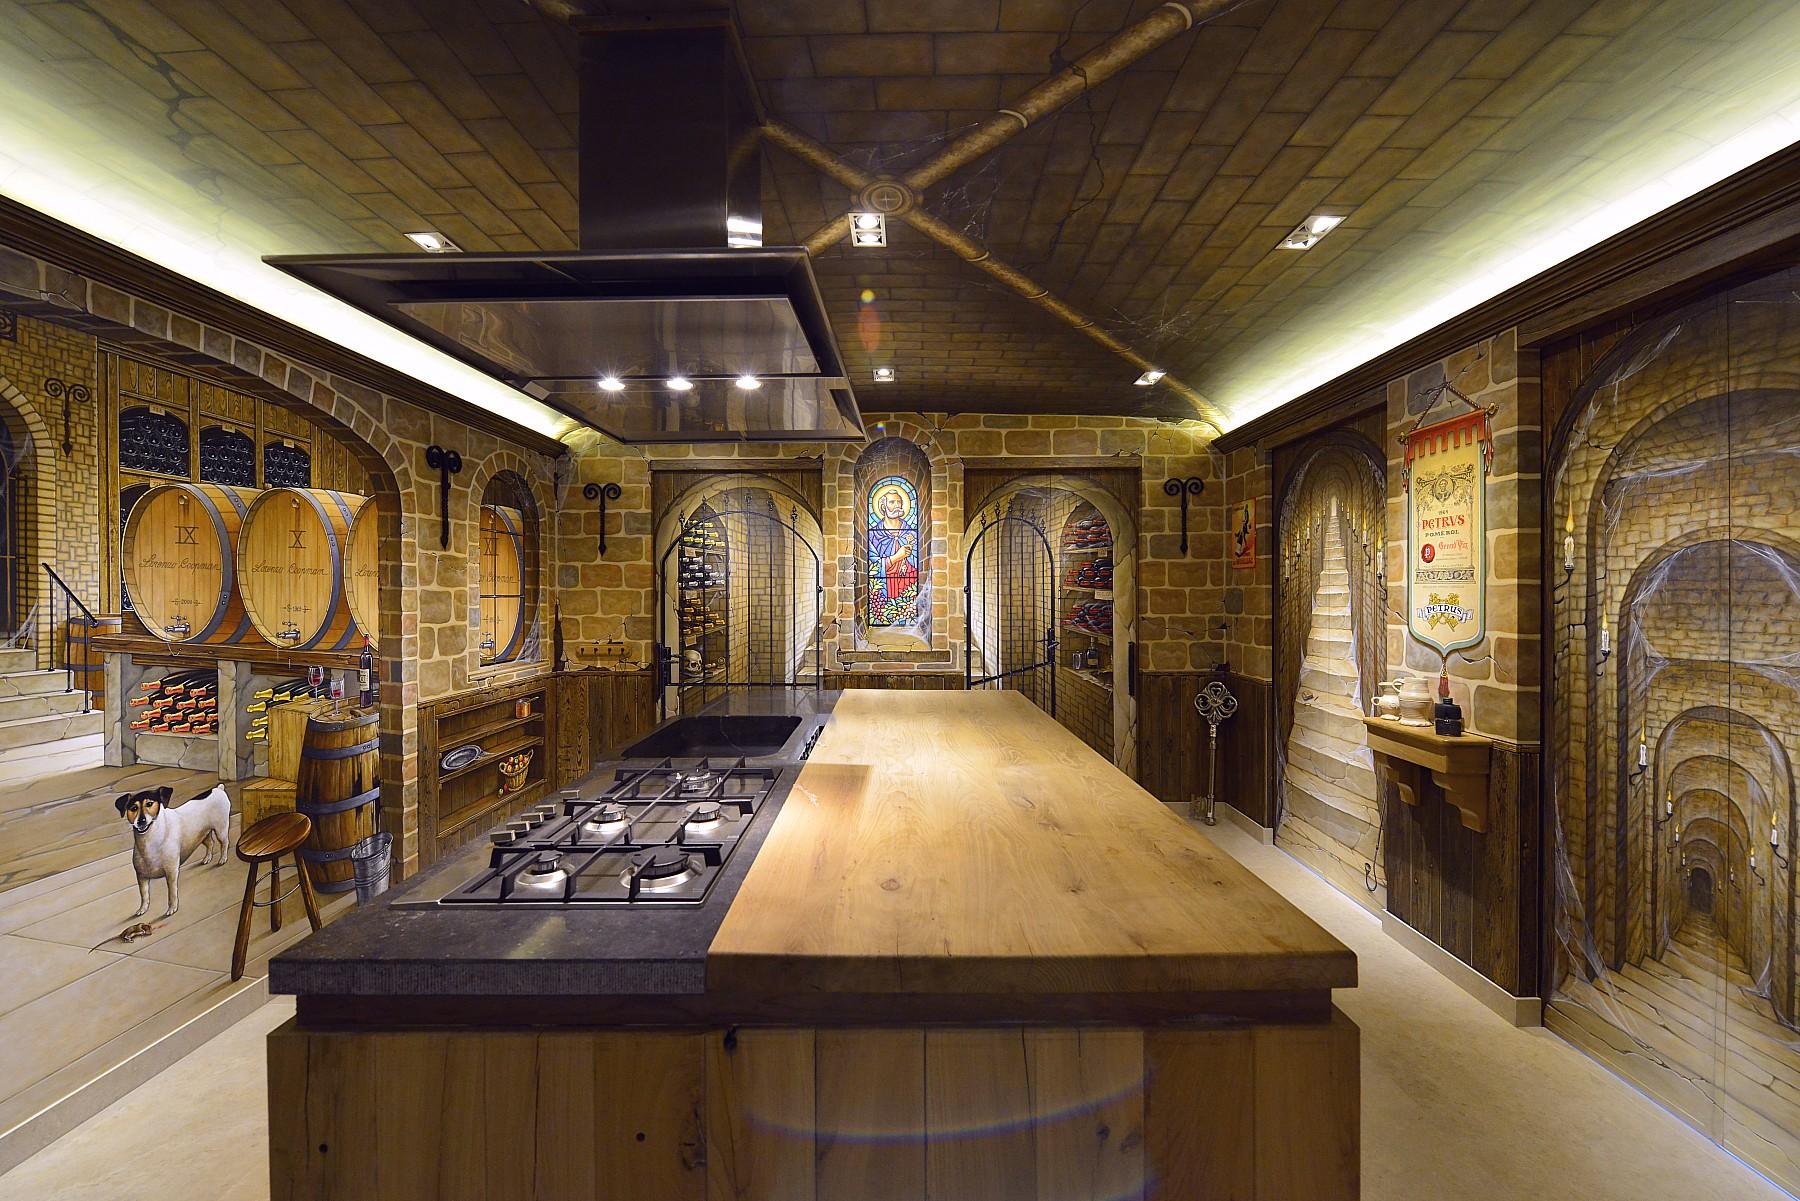 Wijnkeldermuurschildering in een keuken